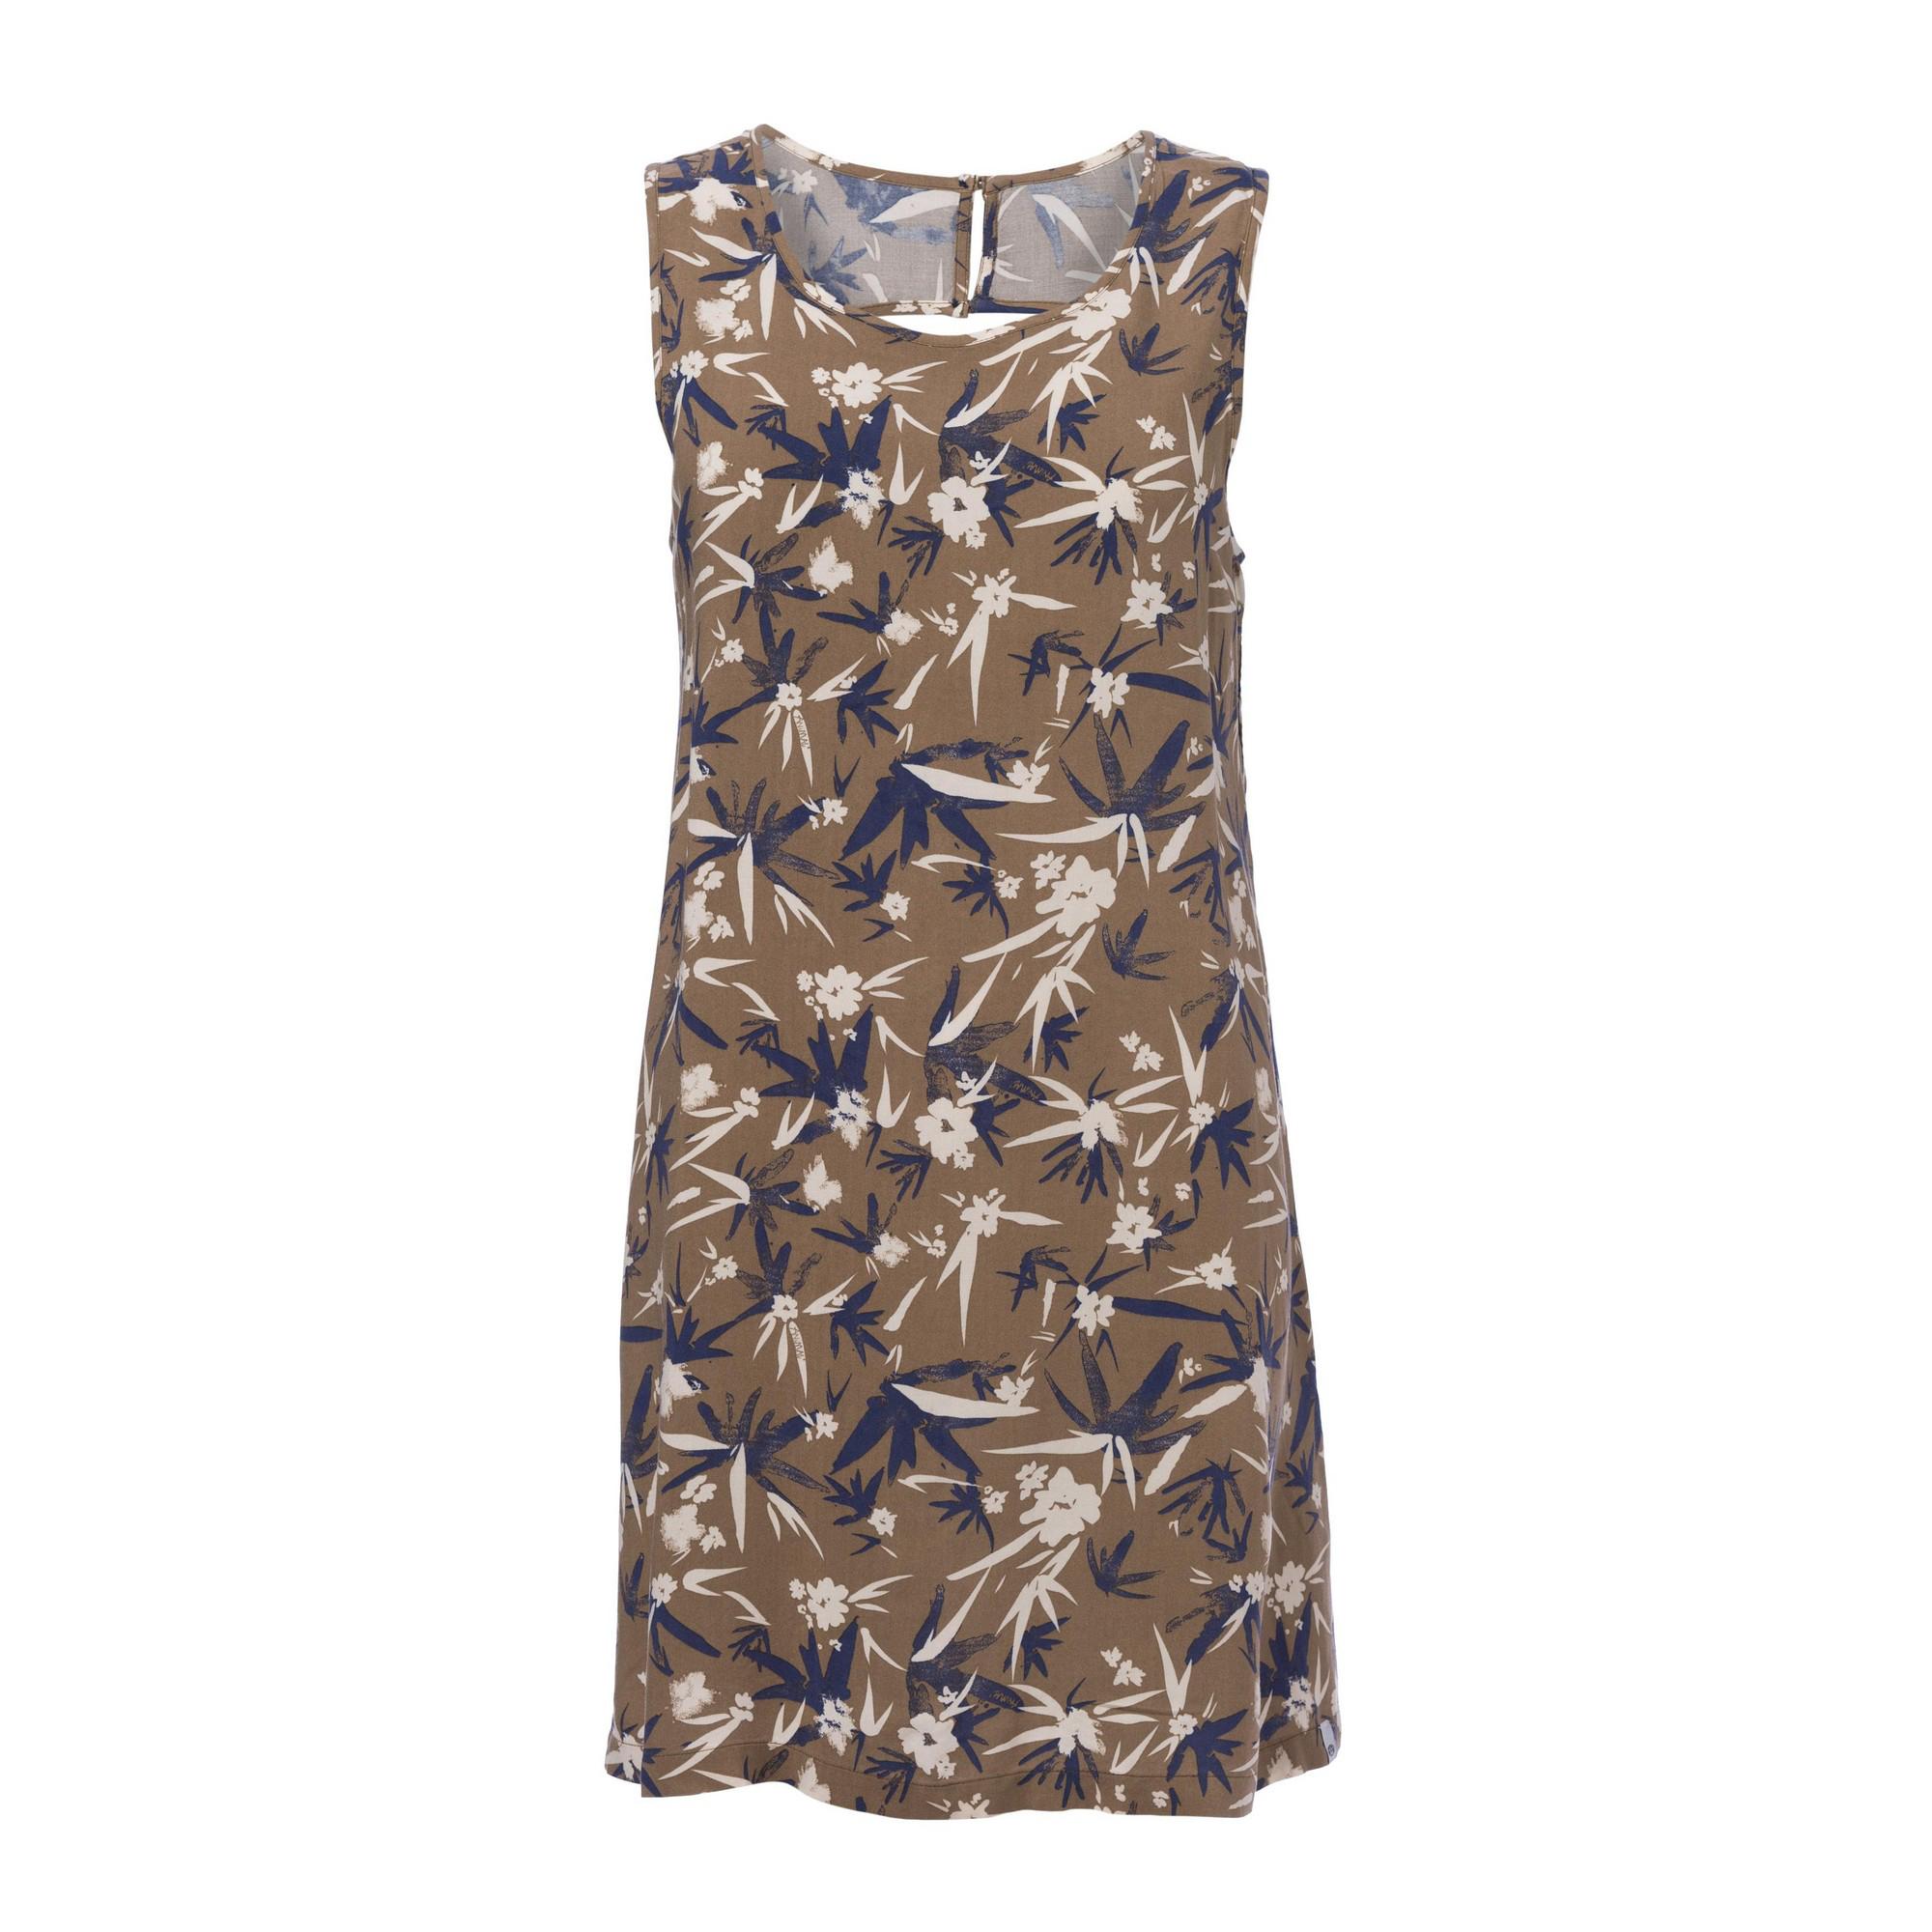 Animal-Vestido-estampado-modelo-034-Evelyn-034-para-mujer